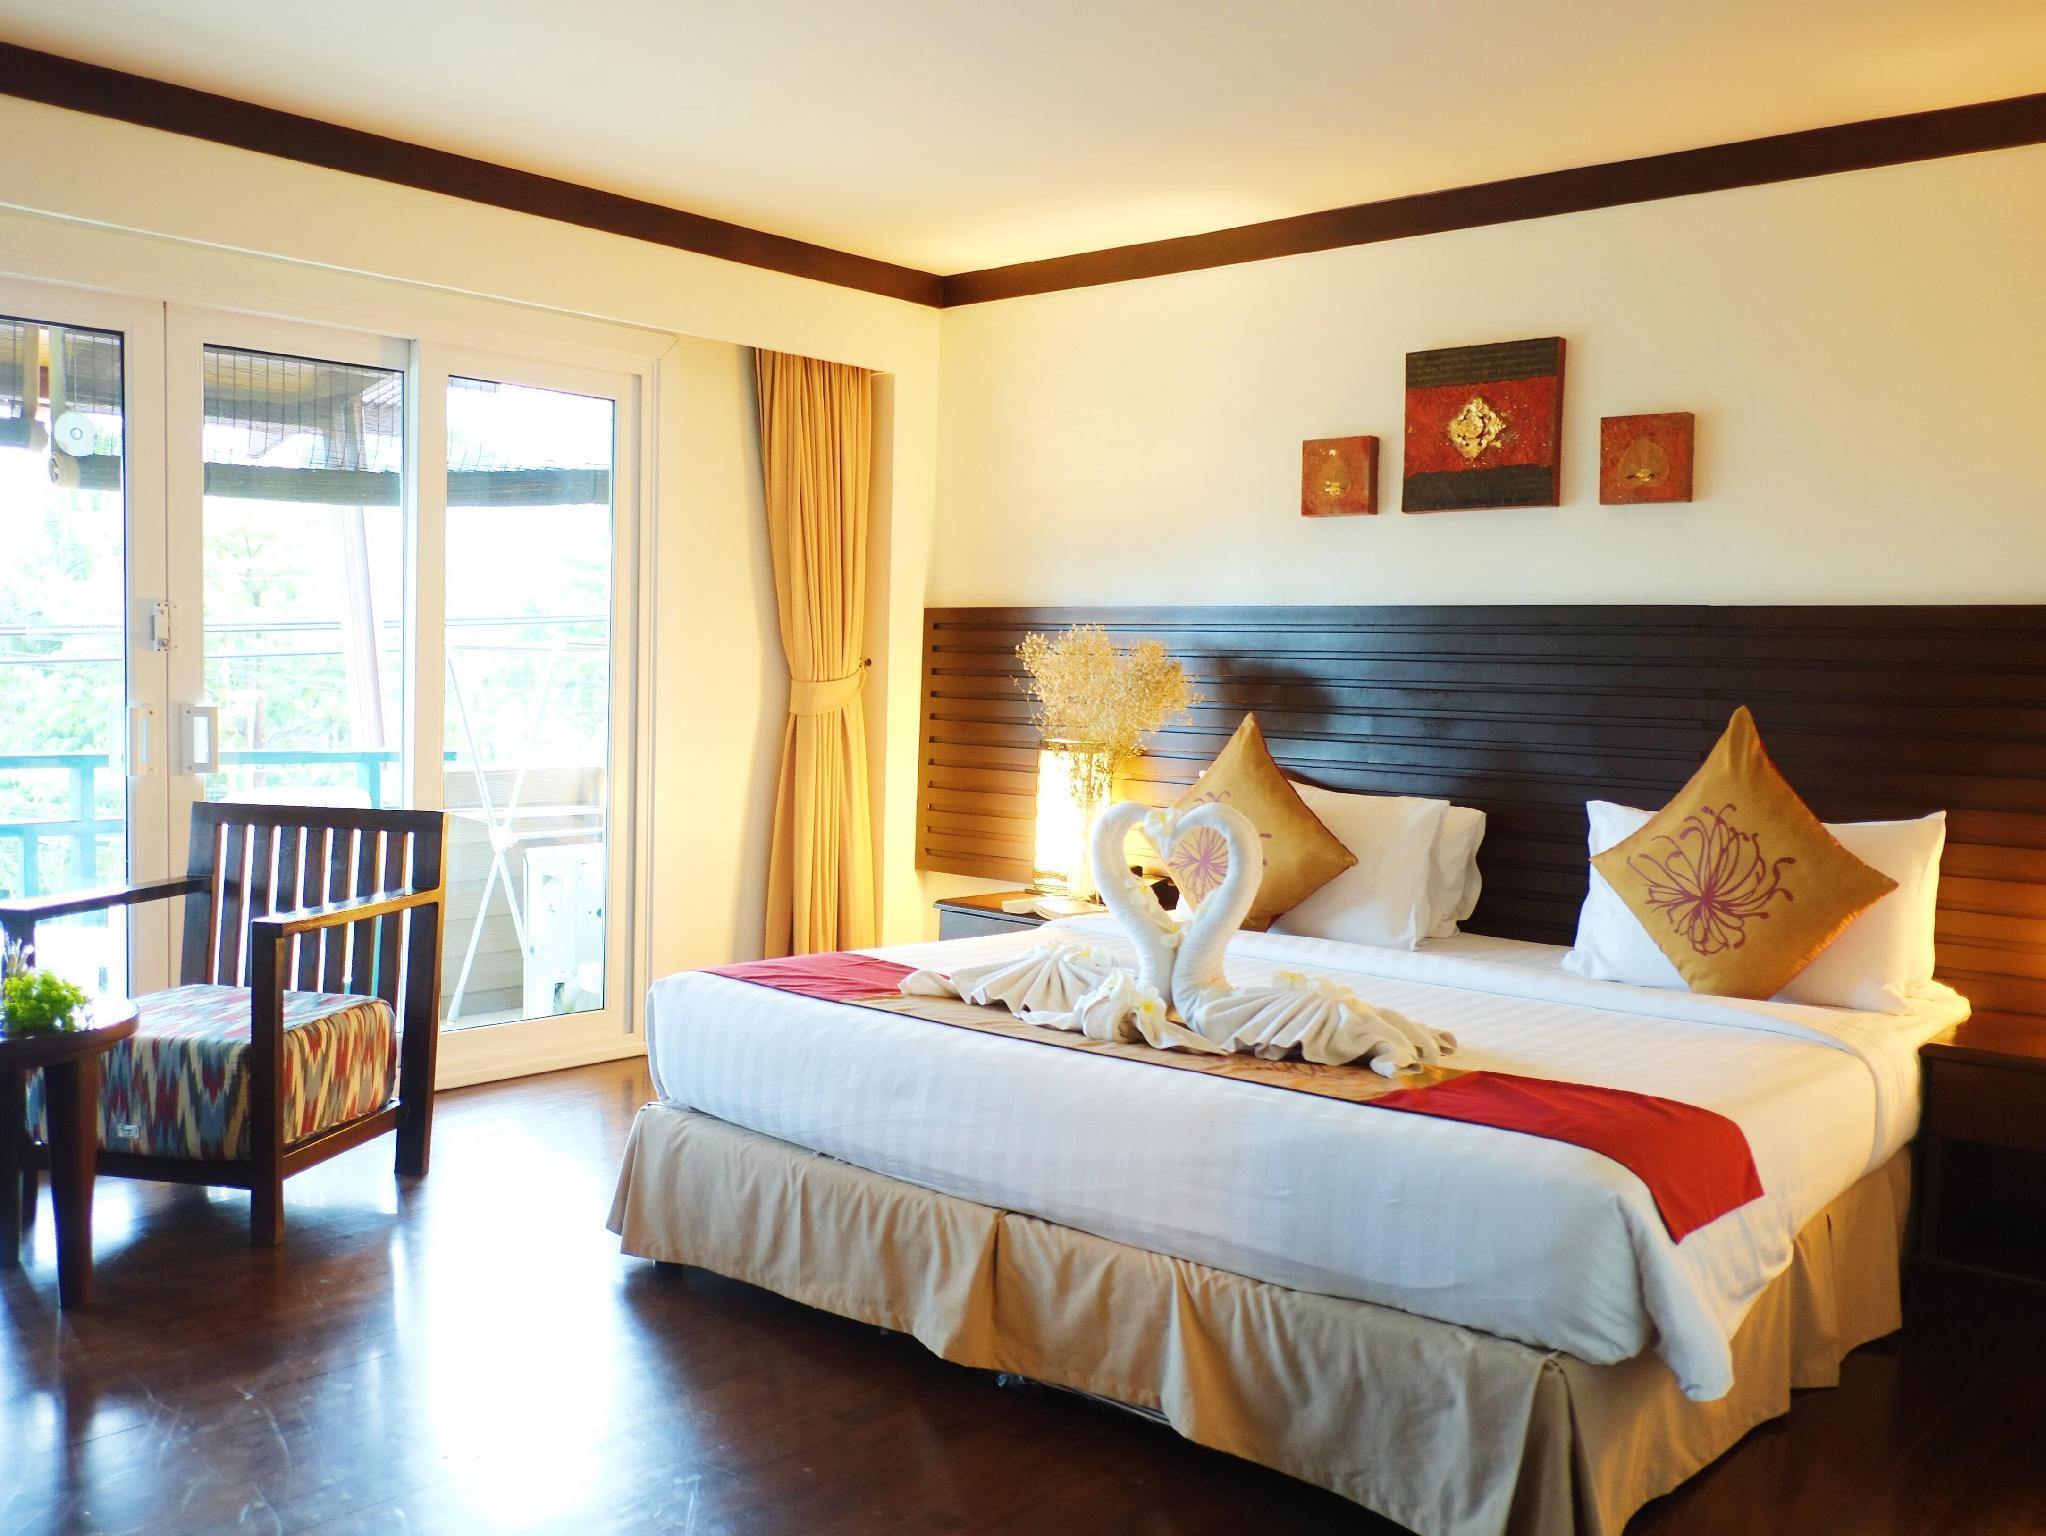 โรงแรมลันตา เมอร์เมด บูทิค เฮาส์